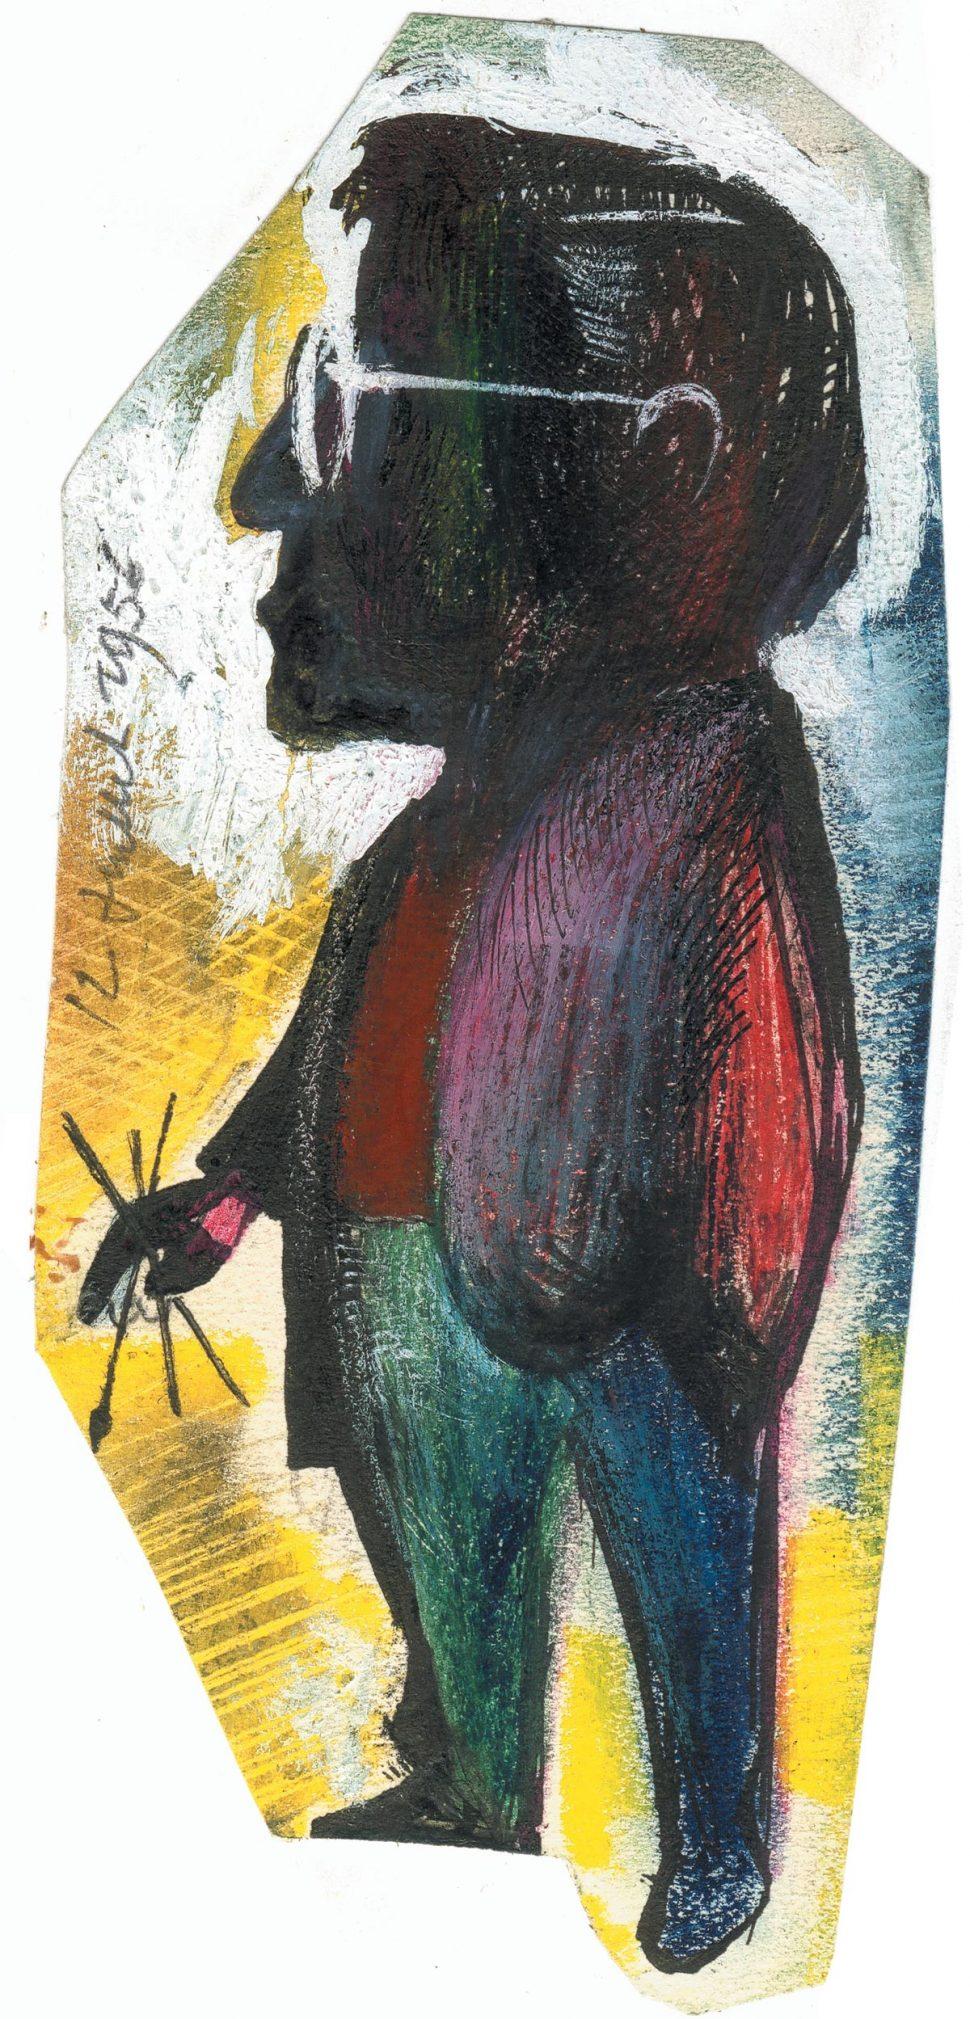 Zelfportret L. De Roeck 12-6-56